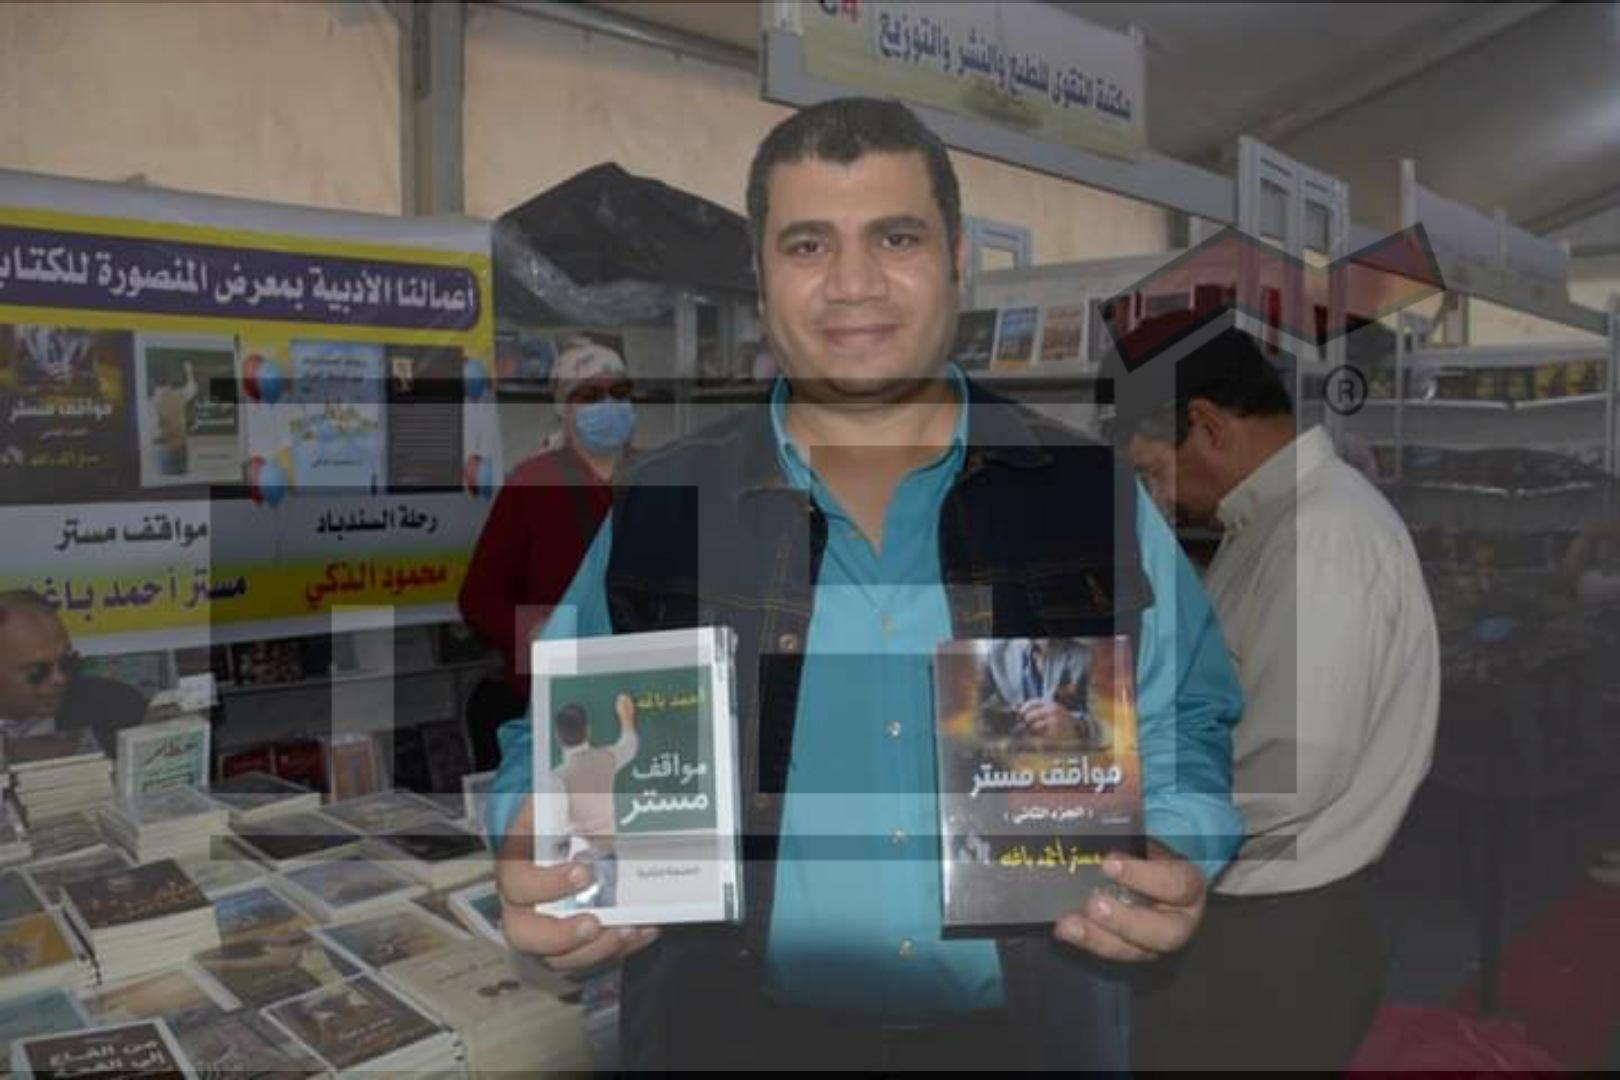 كتاب مواقف مستر , أحمد باغة ، معرض الكتاب بالمنصورة